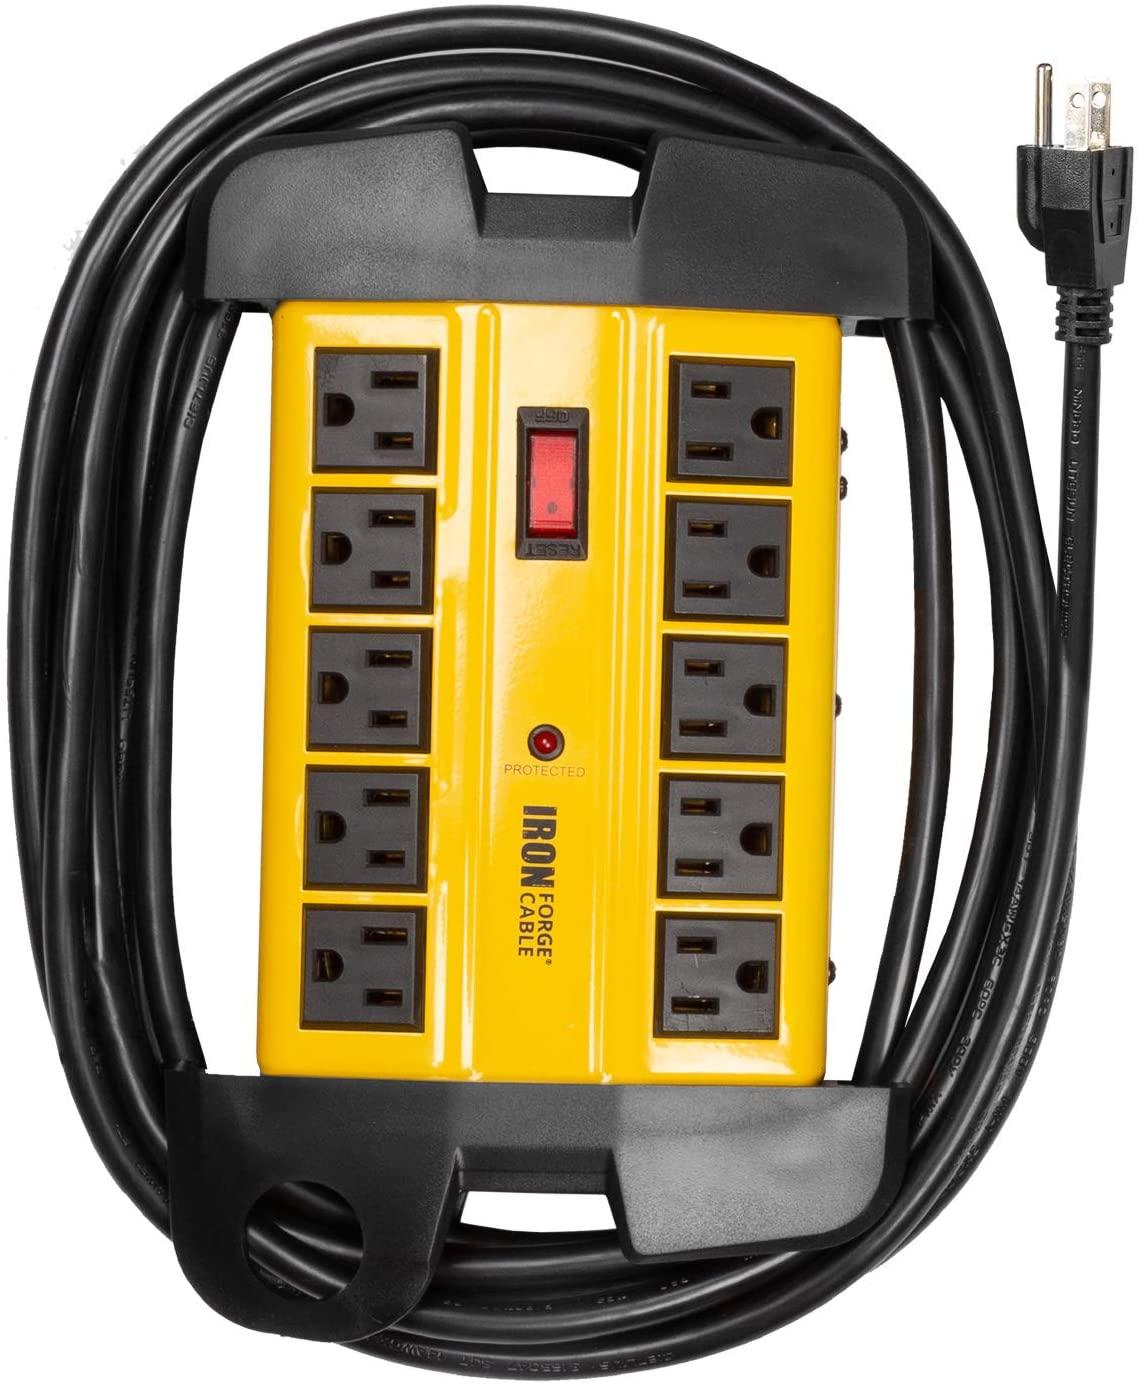 10 콘센트 무거운 의무 서지 보호제 파워 스트립 - 14 | 3 SJT 산업 블랙 과 노란색 금속 서지 억제기 15 피트 긴 확장 코드